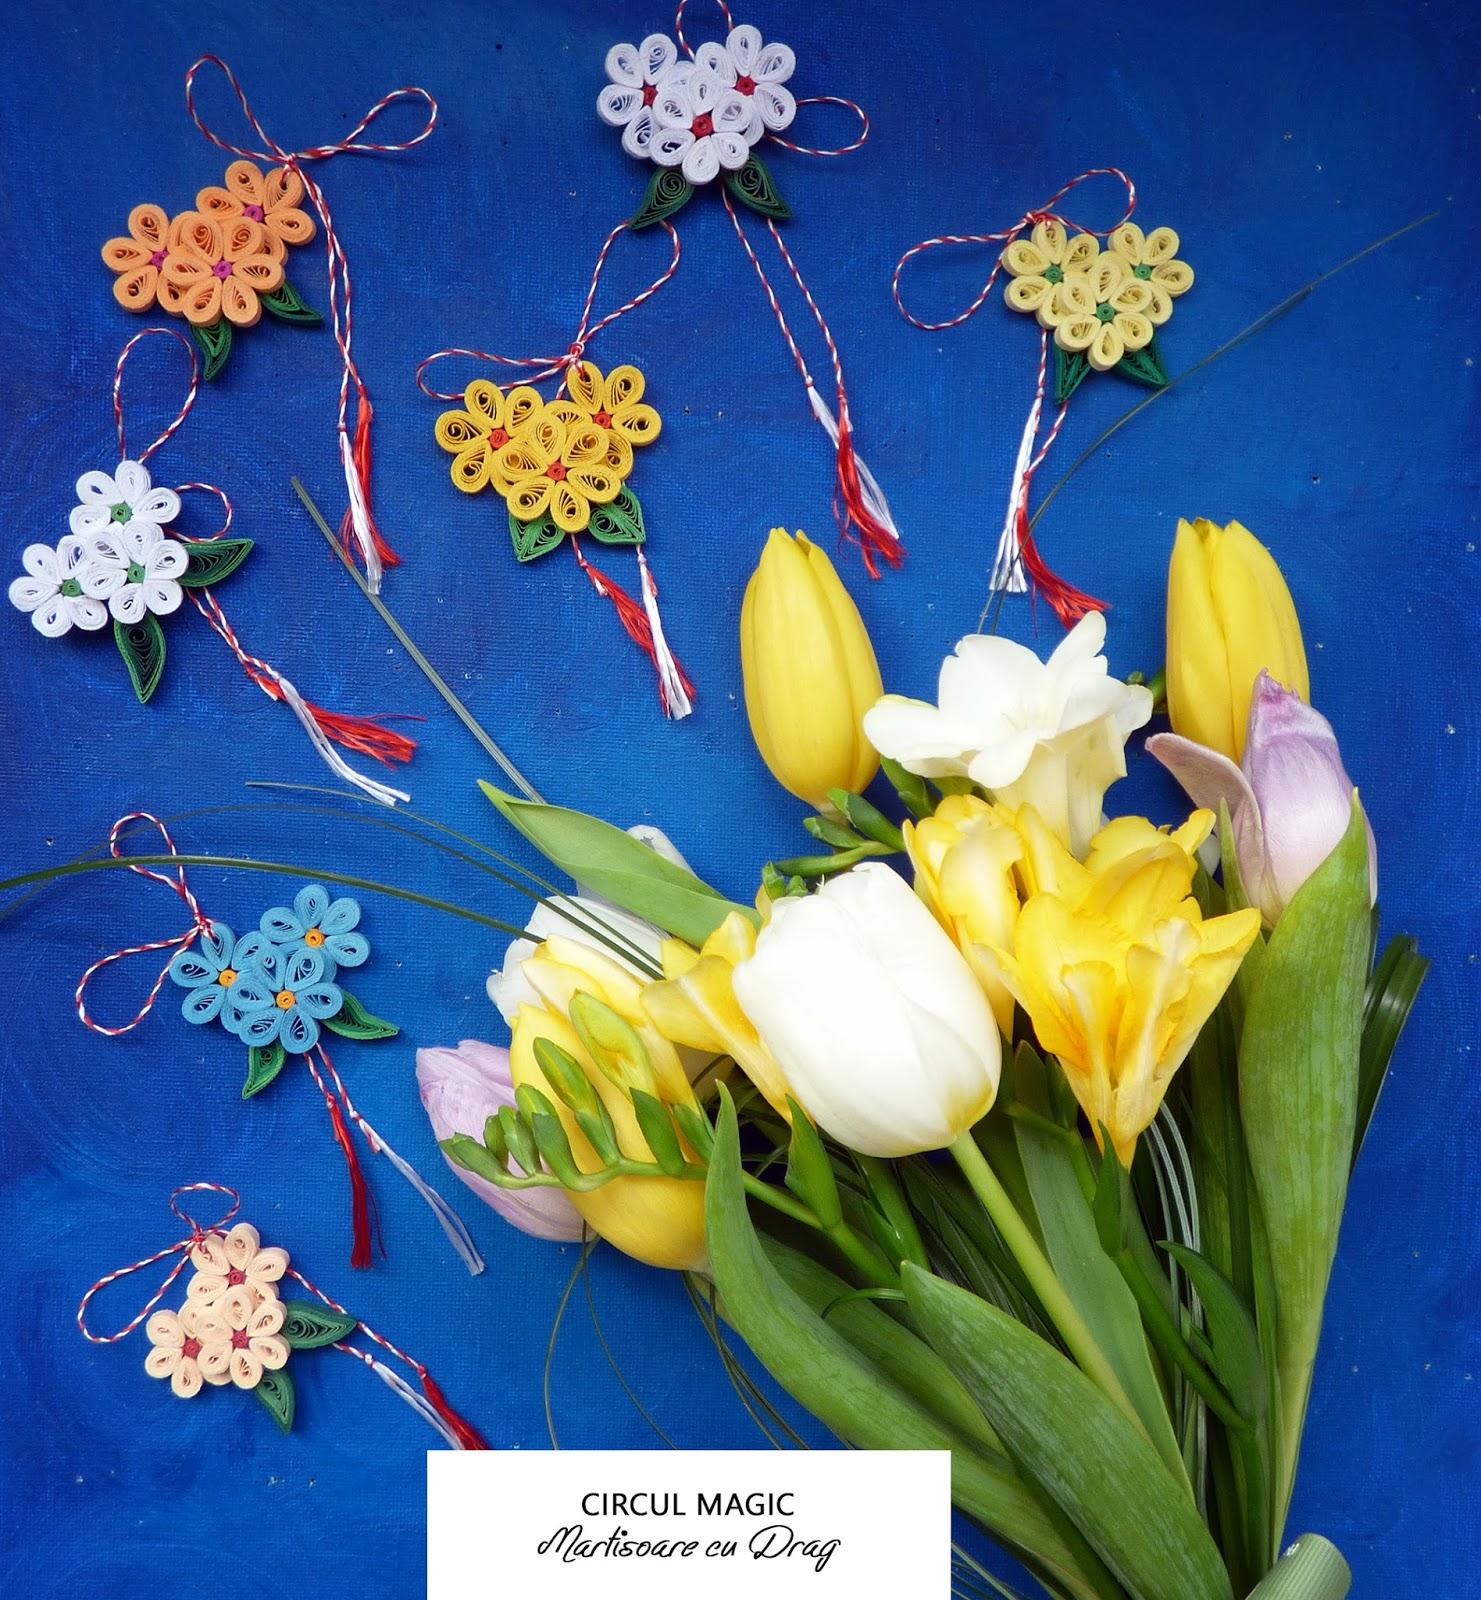 Martisoare Quilling 2017 Flori Primule Brose Circul Magic